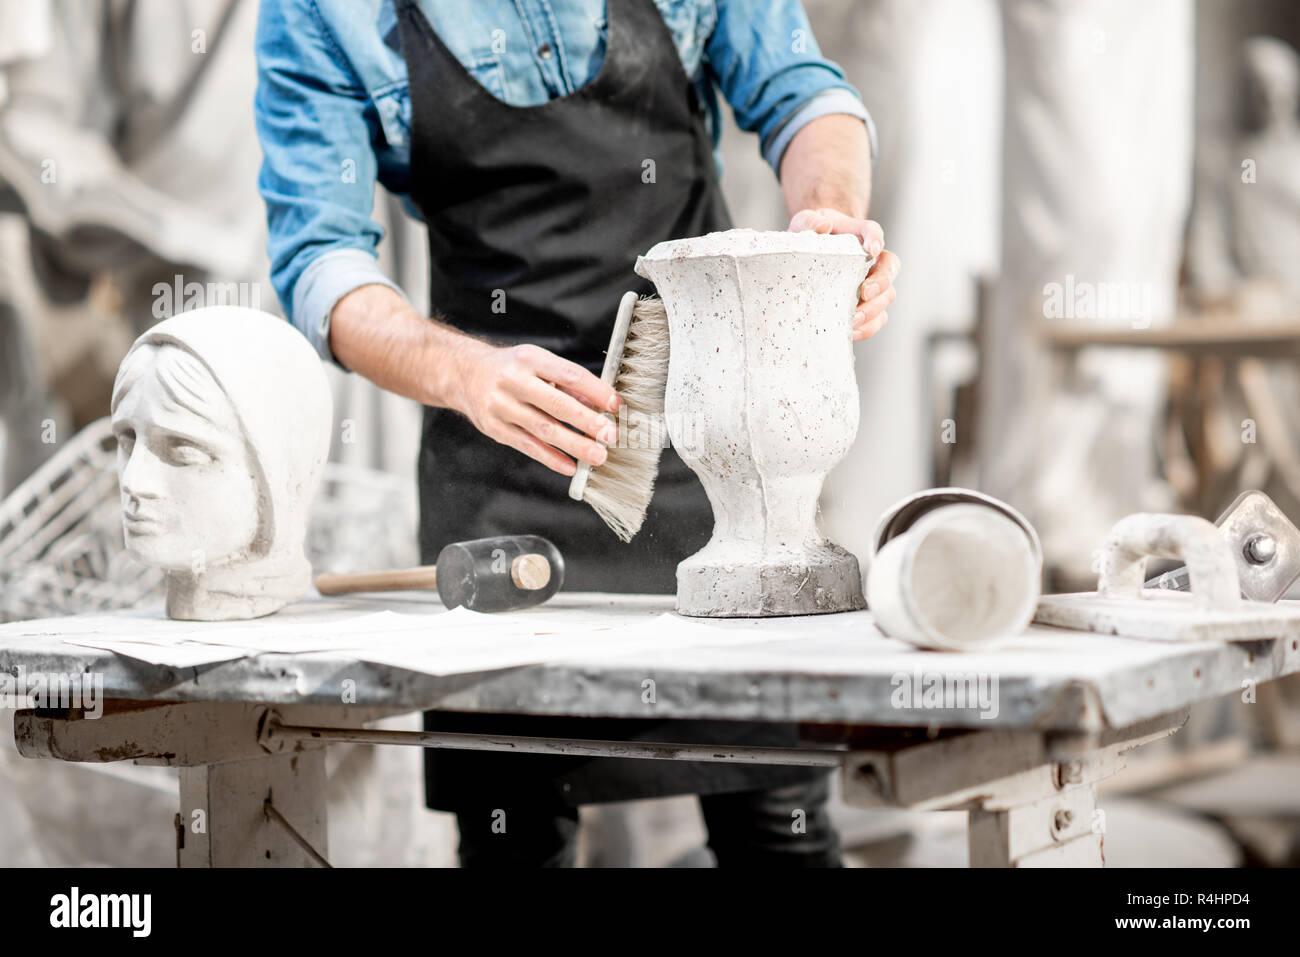 Mann bei der Arbeit mit Stein vase am Arbeitsplatz im alten Studio. Nahaufnahme mit kein Gesicht Stockfoto